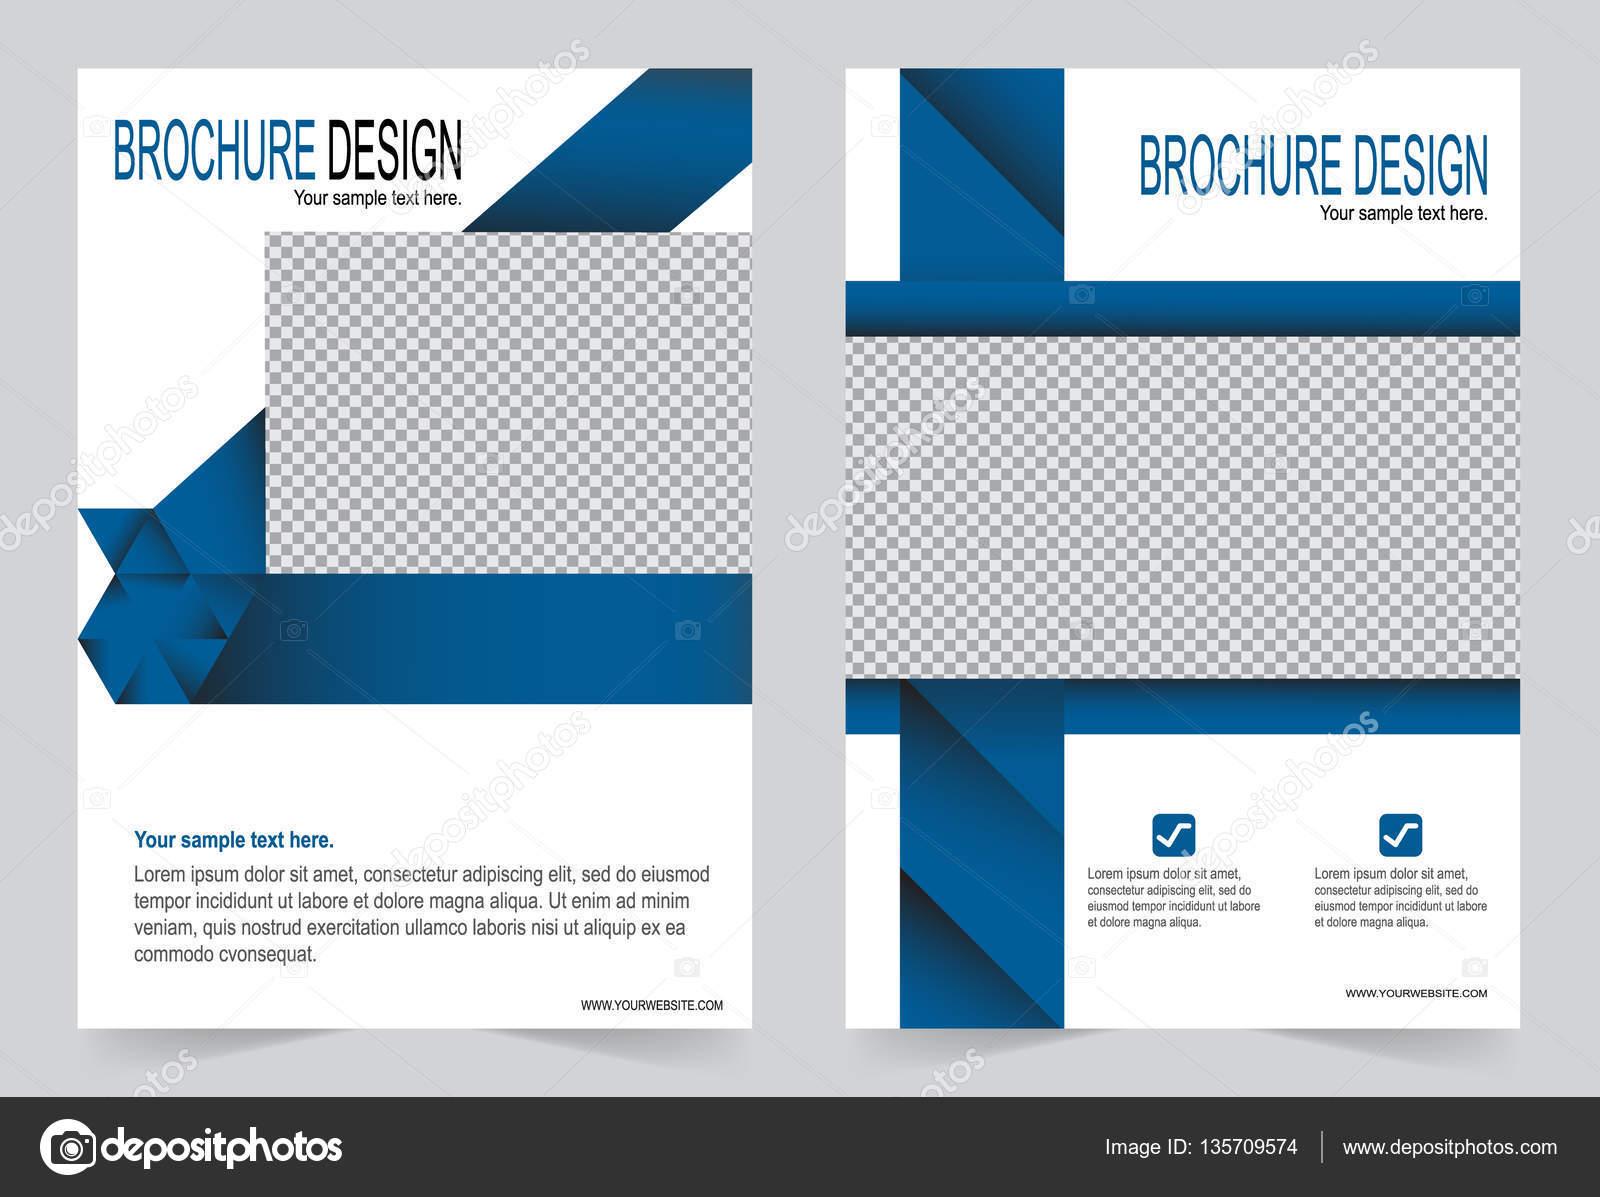 Broschüre Vorlage, Flyer Design Blau — Stockvektor © keath369 #135709574